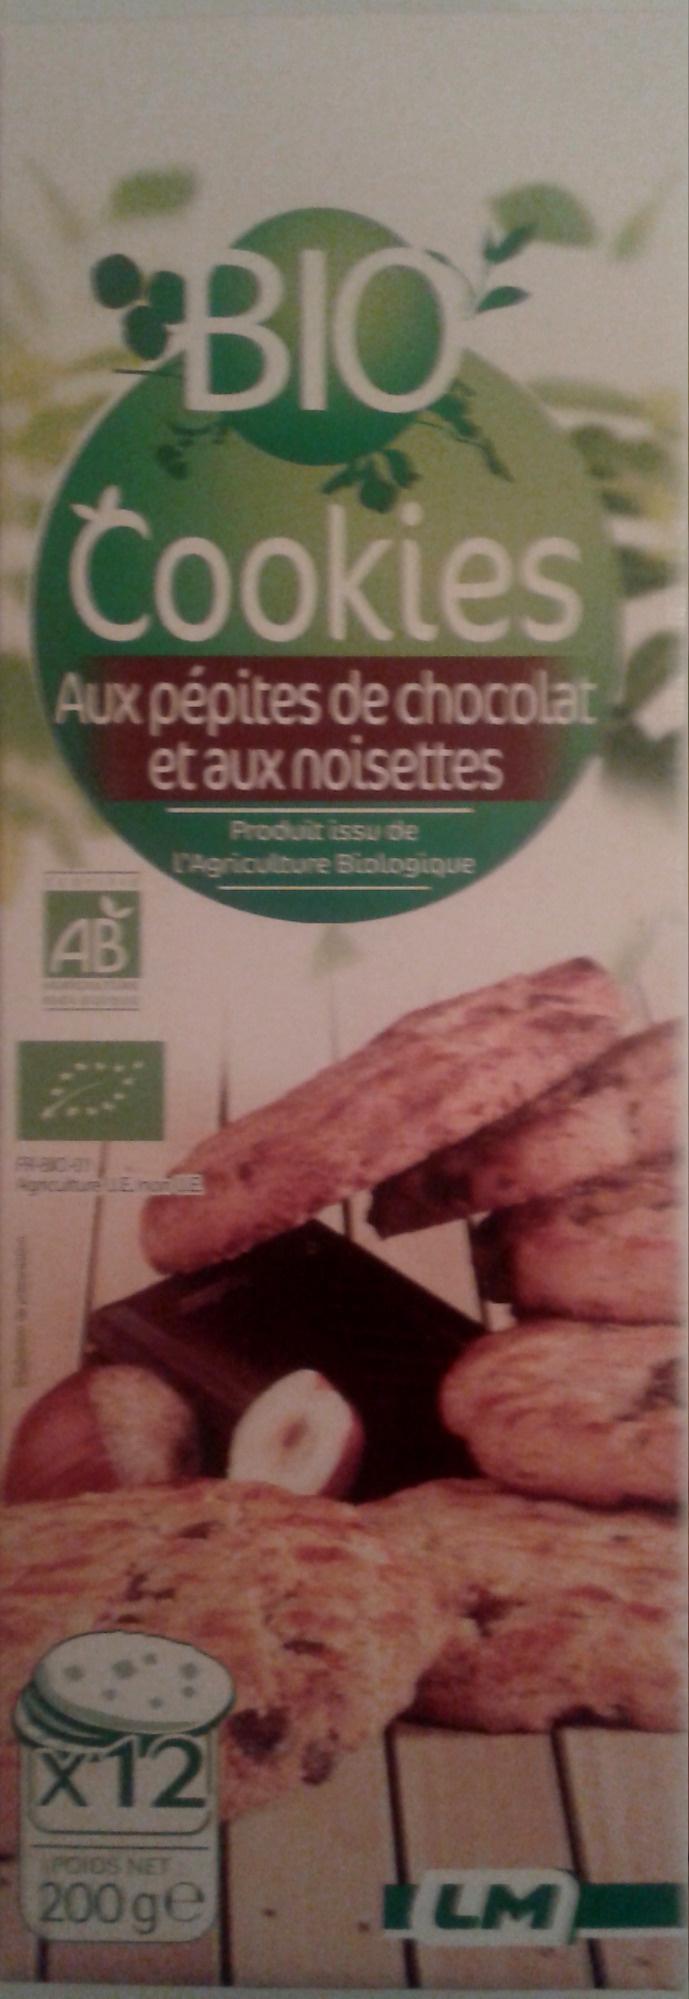 Cookies aux pépites de chocolat et aux noisettes - Product - fr